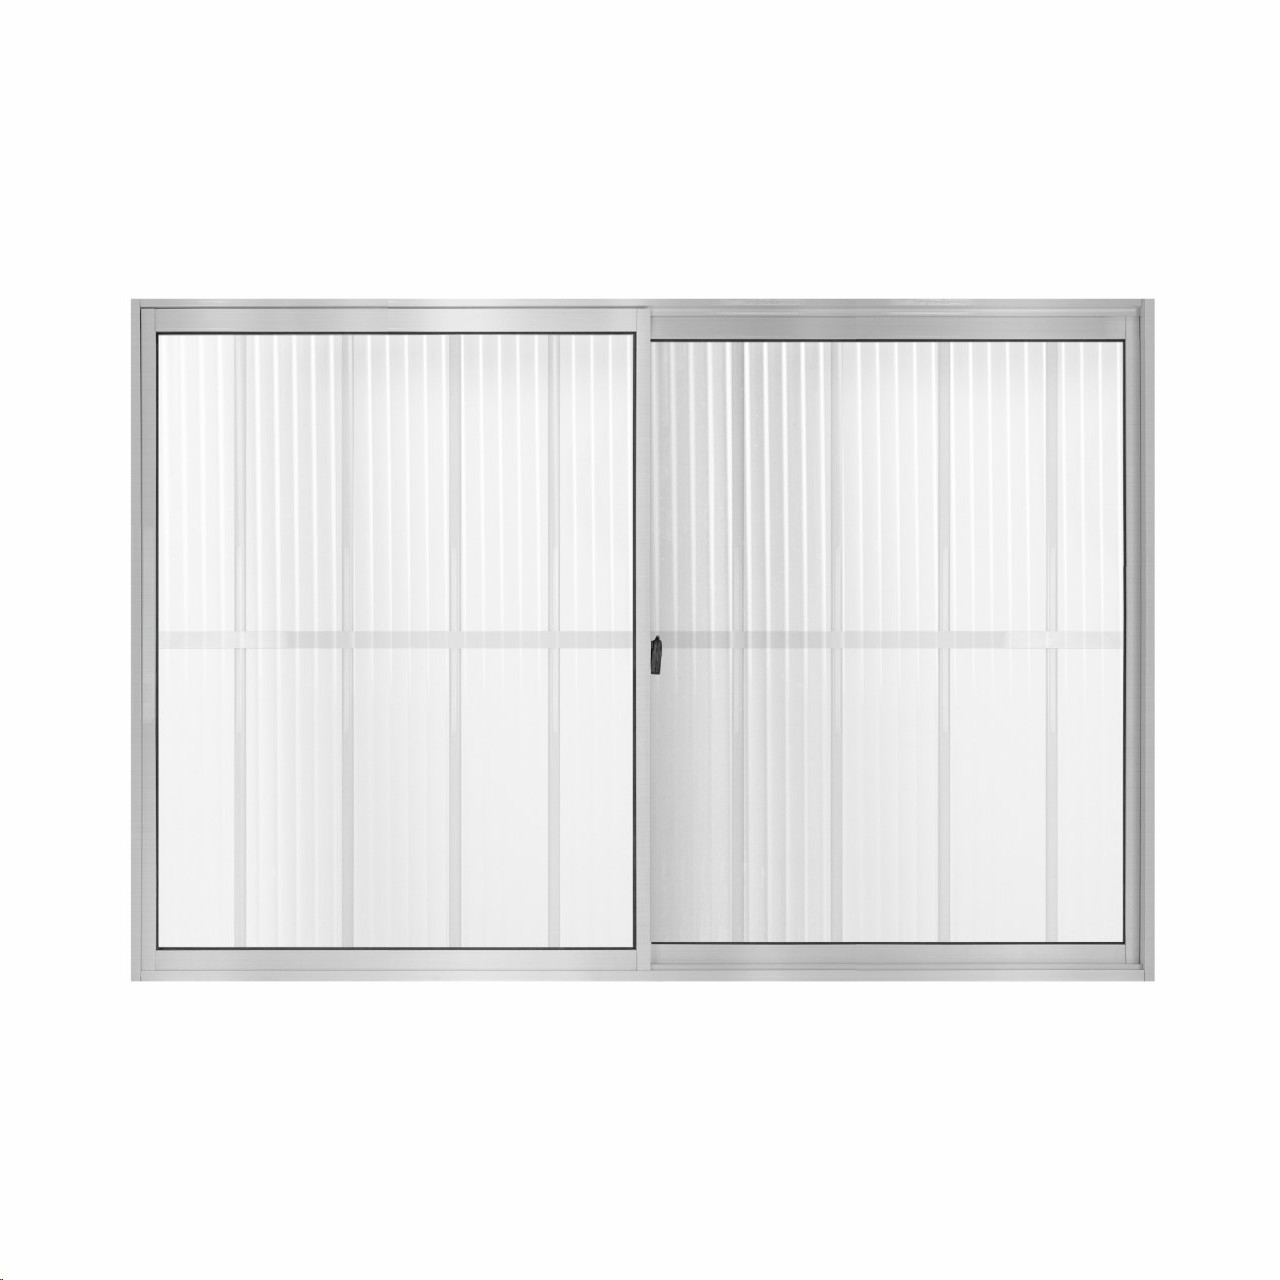 Janela de Correr Slim de Aluminio 2 Folhas com Grade 100x150cm Vidro Canelado Branca - 922309 - Aluvid